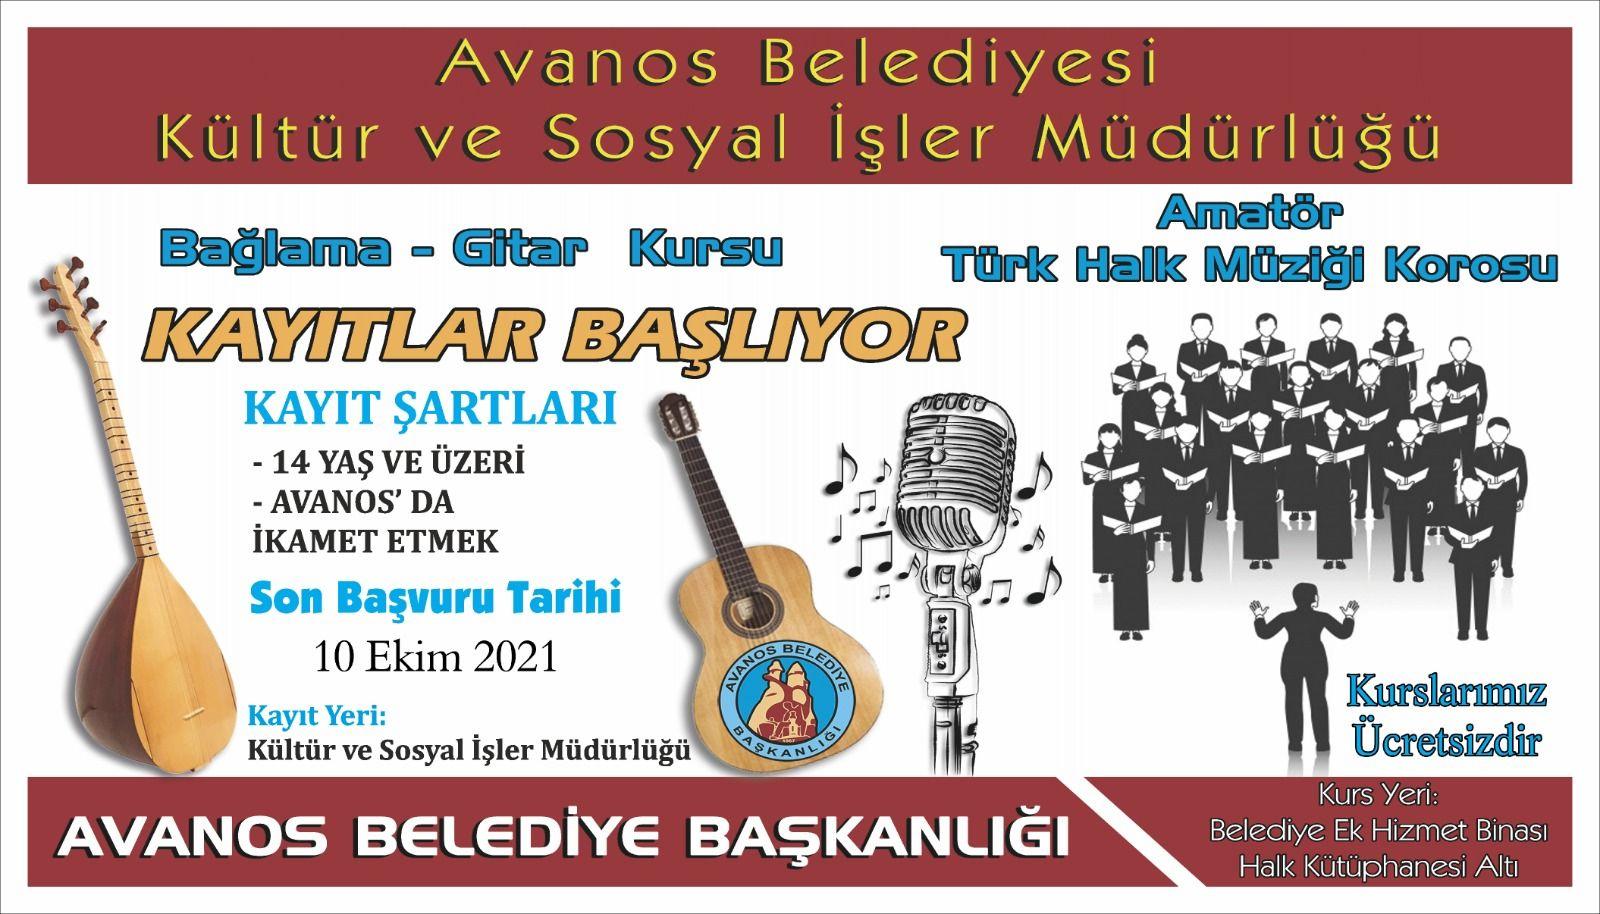 Kültür ve Sosyal İşler Müdürlüğümüz Bünyesinde Yeni Dönem Ücretsiz Kurslarımız Başlıyor.